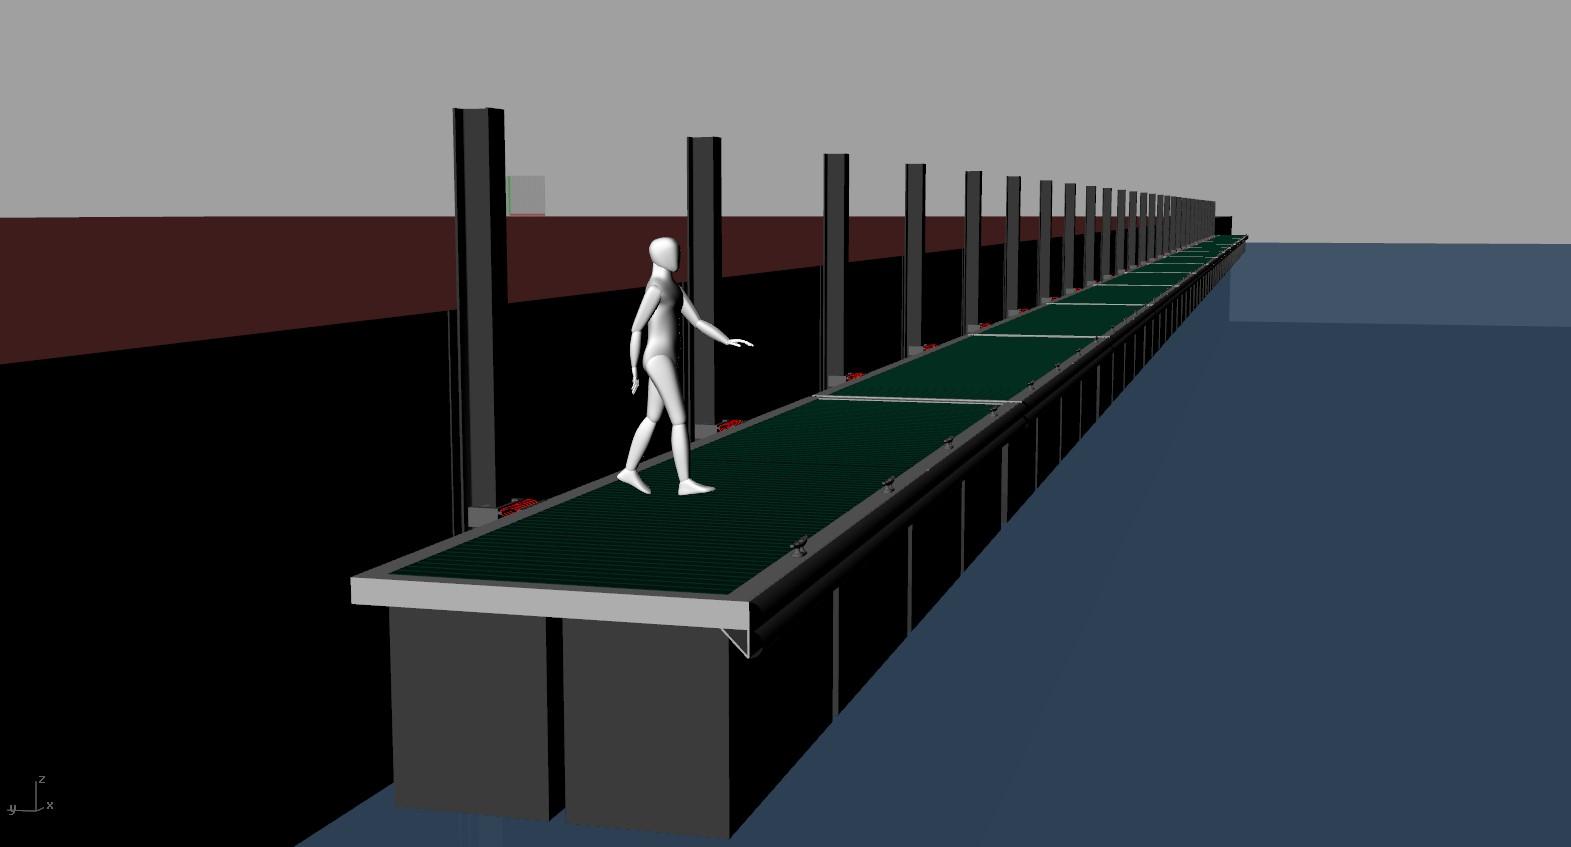 Embarcadero-Flotante-Elevadore-de-Barcos-Plataforma-Modulos-Pontonas-Puertos (3)